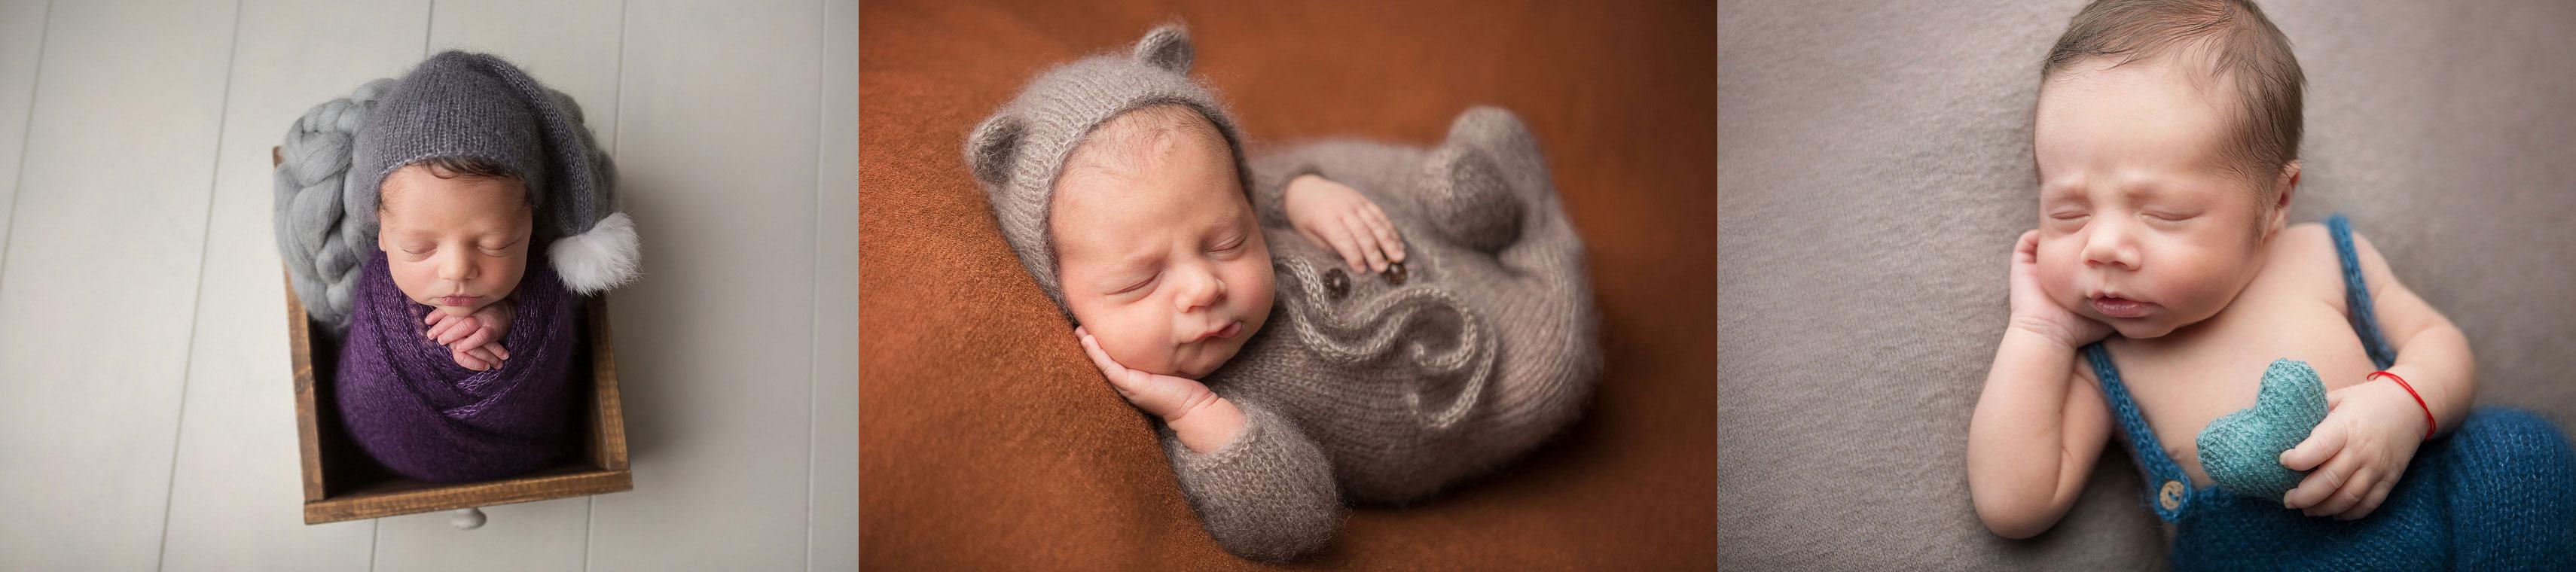 trei fotografii de la sedinte foto nou-nascut